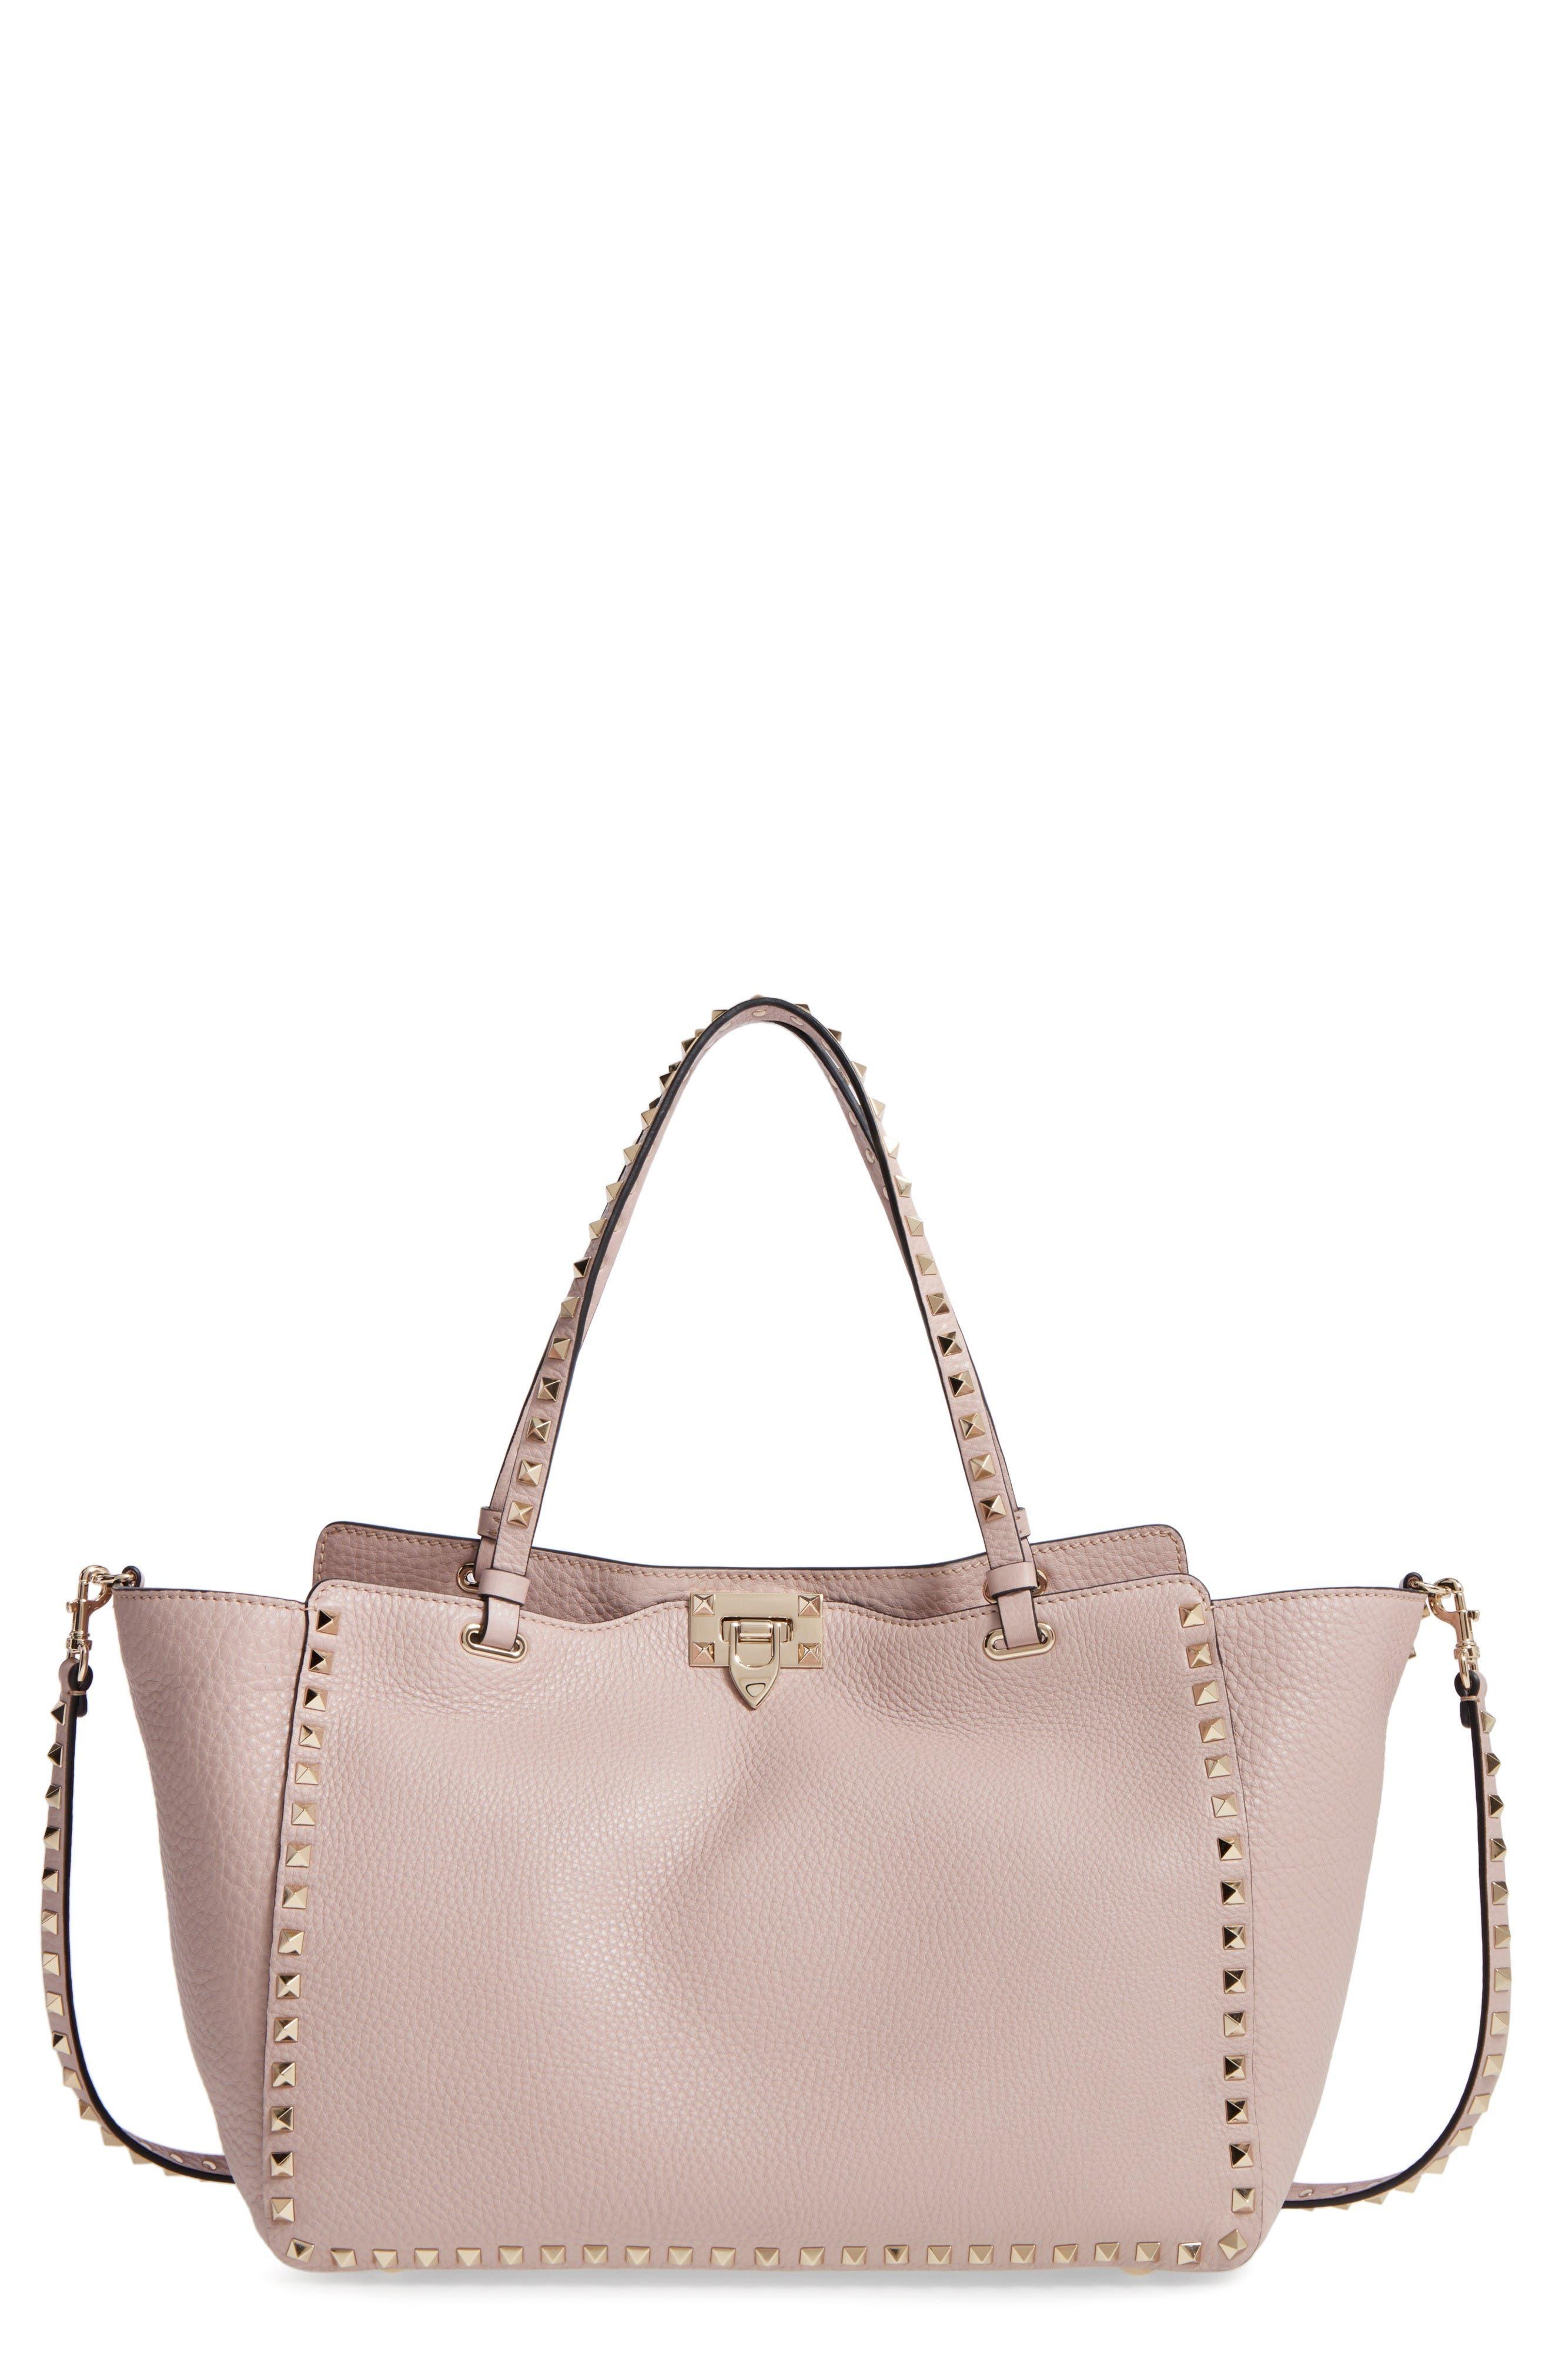 Valentino Rockstud Mini Vitello Leather Tote Bag pAZST